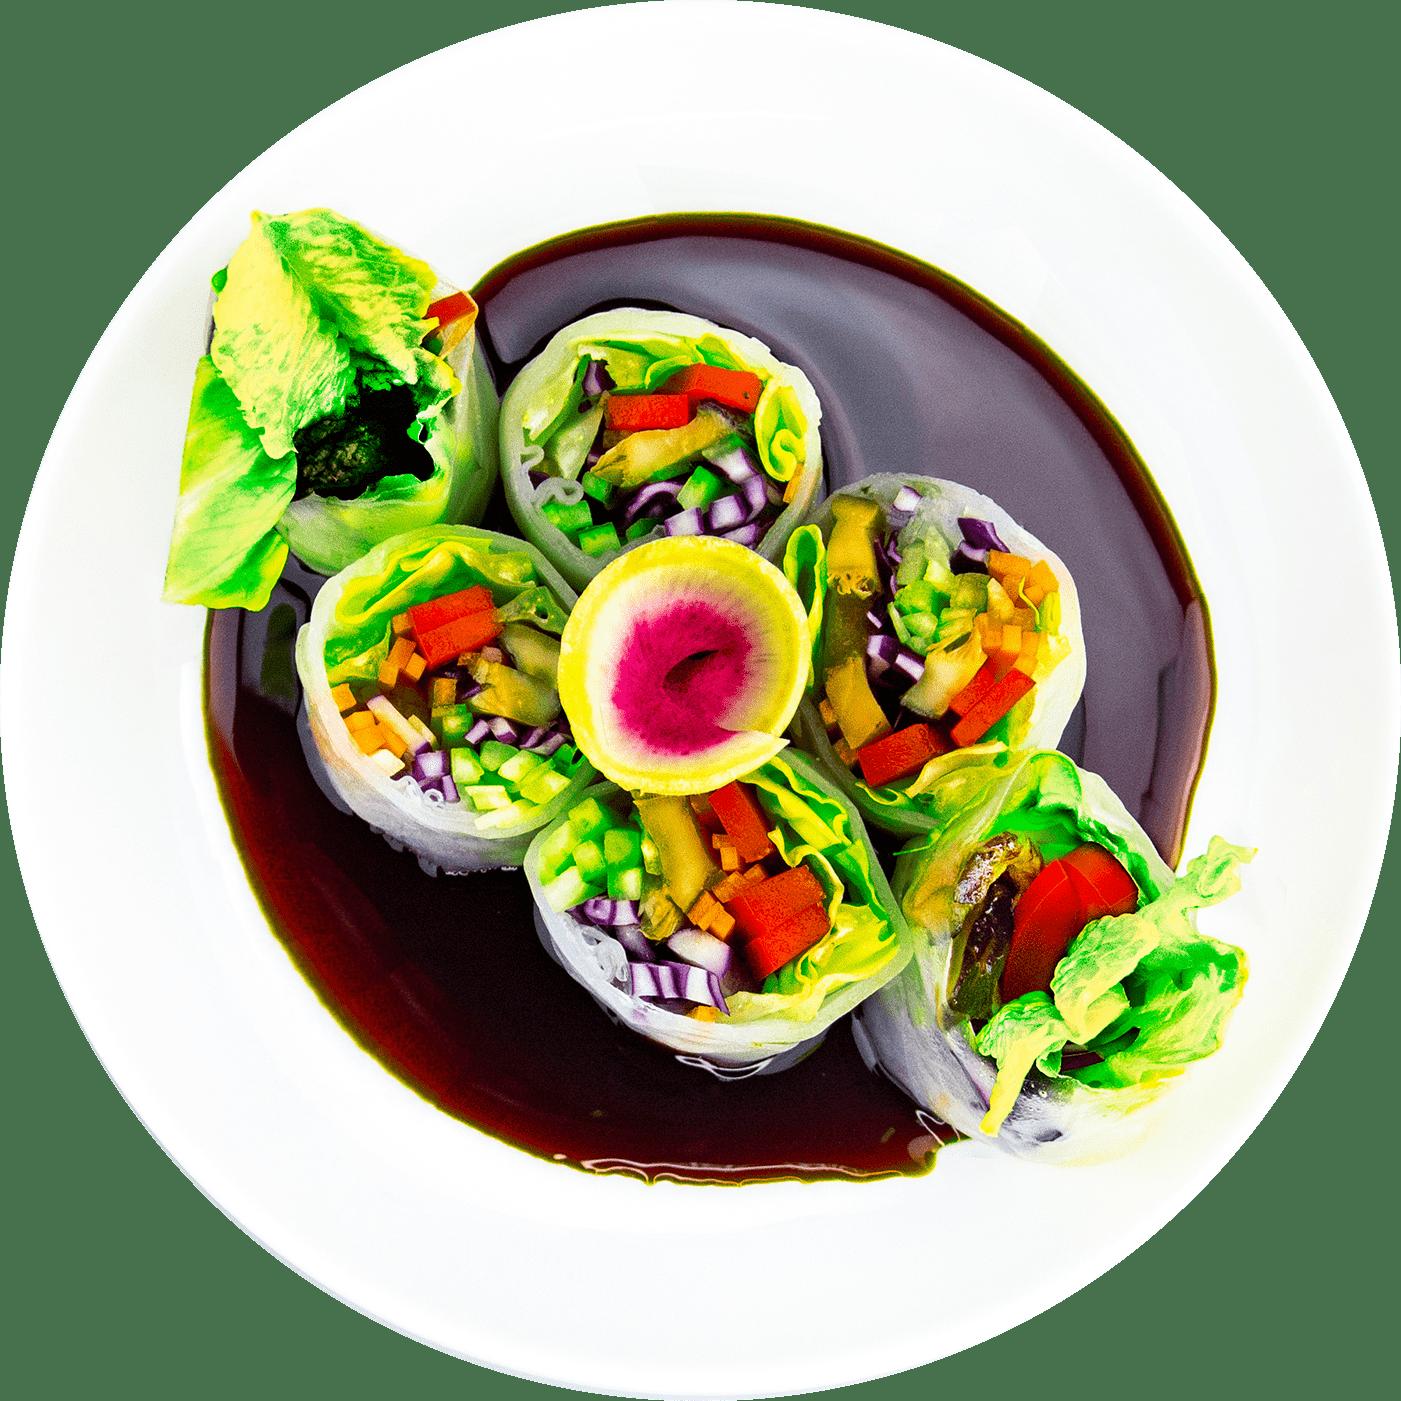 Рецепт спринг-роллов с овощами в рисовой бумаге